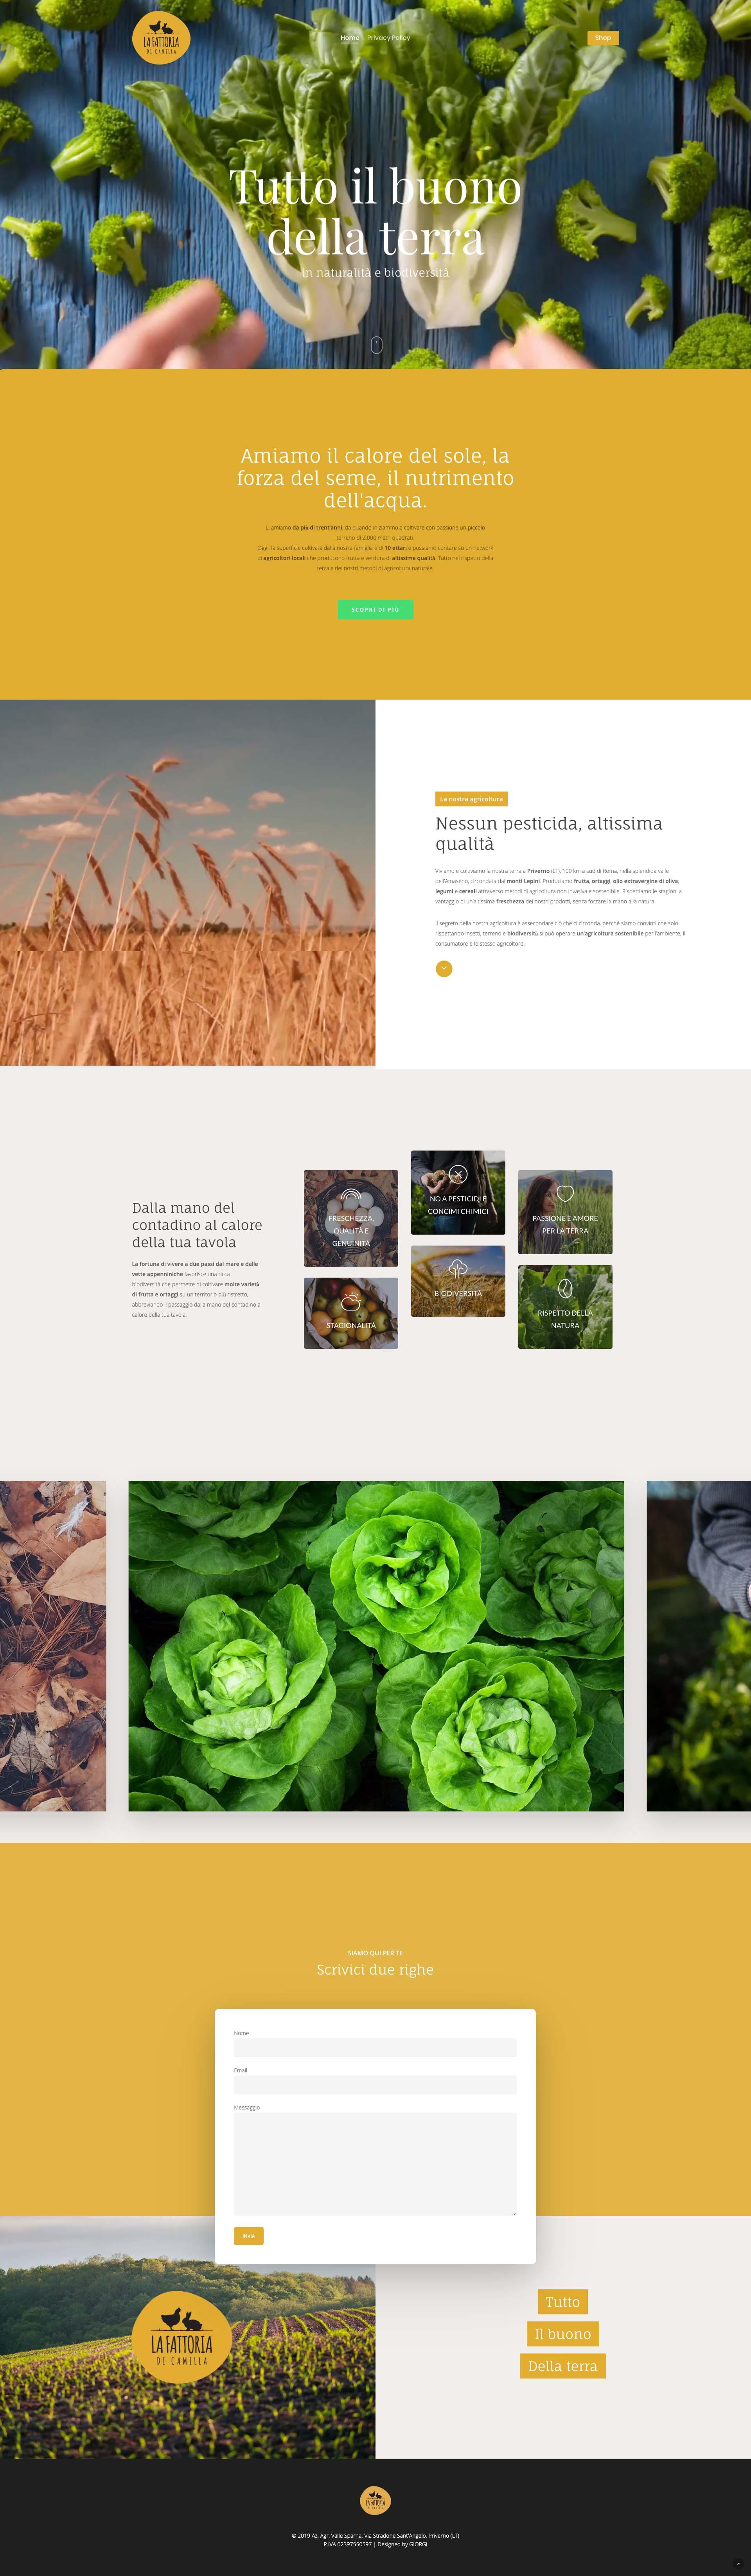 Giorgi Design Studio - La Fattoria di Camilla - Web Design